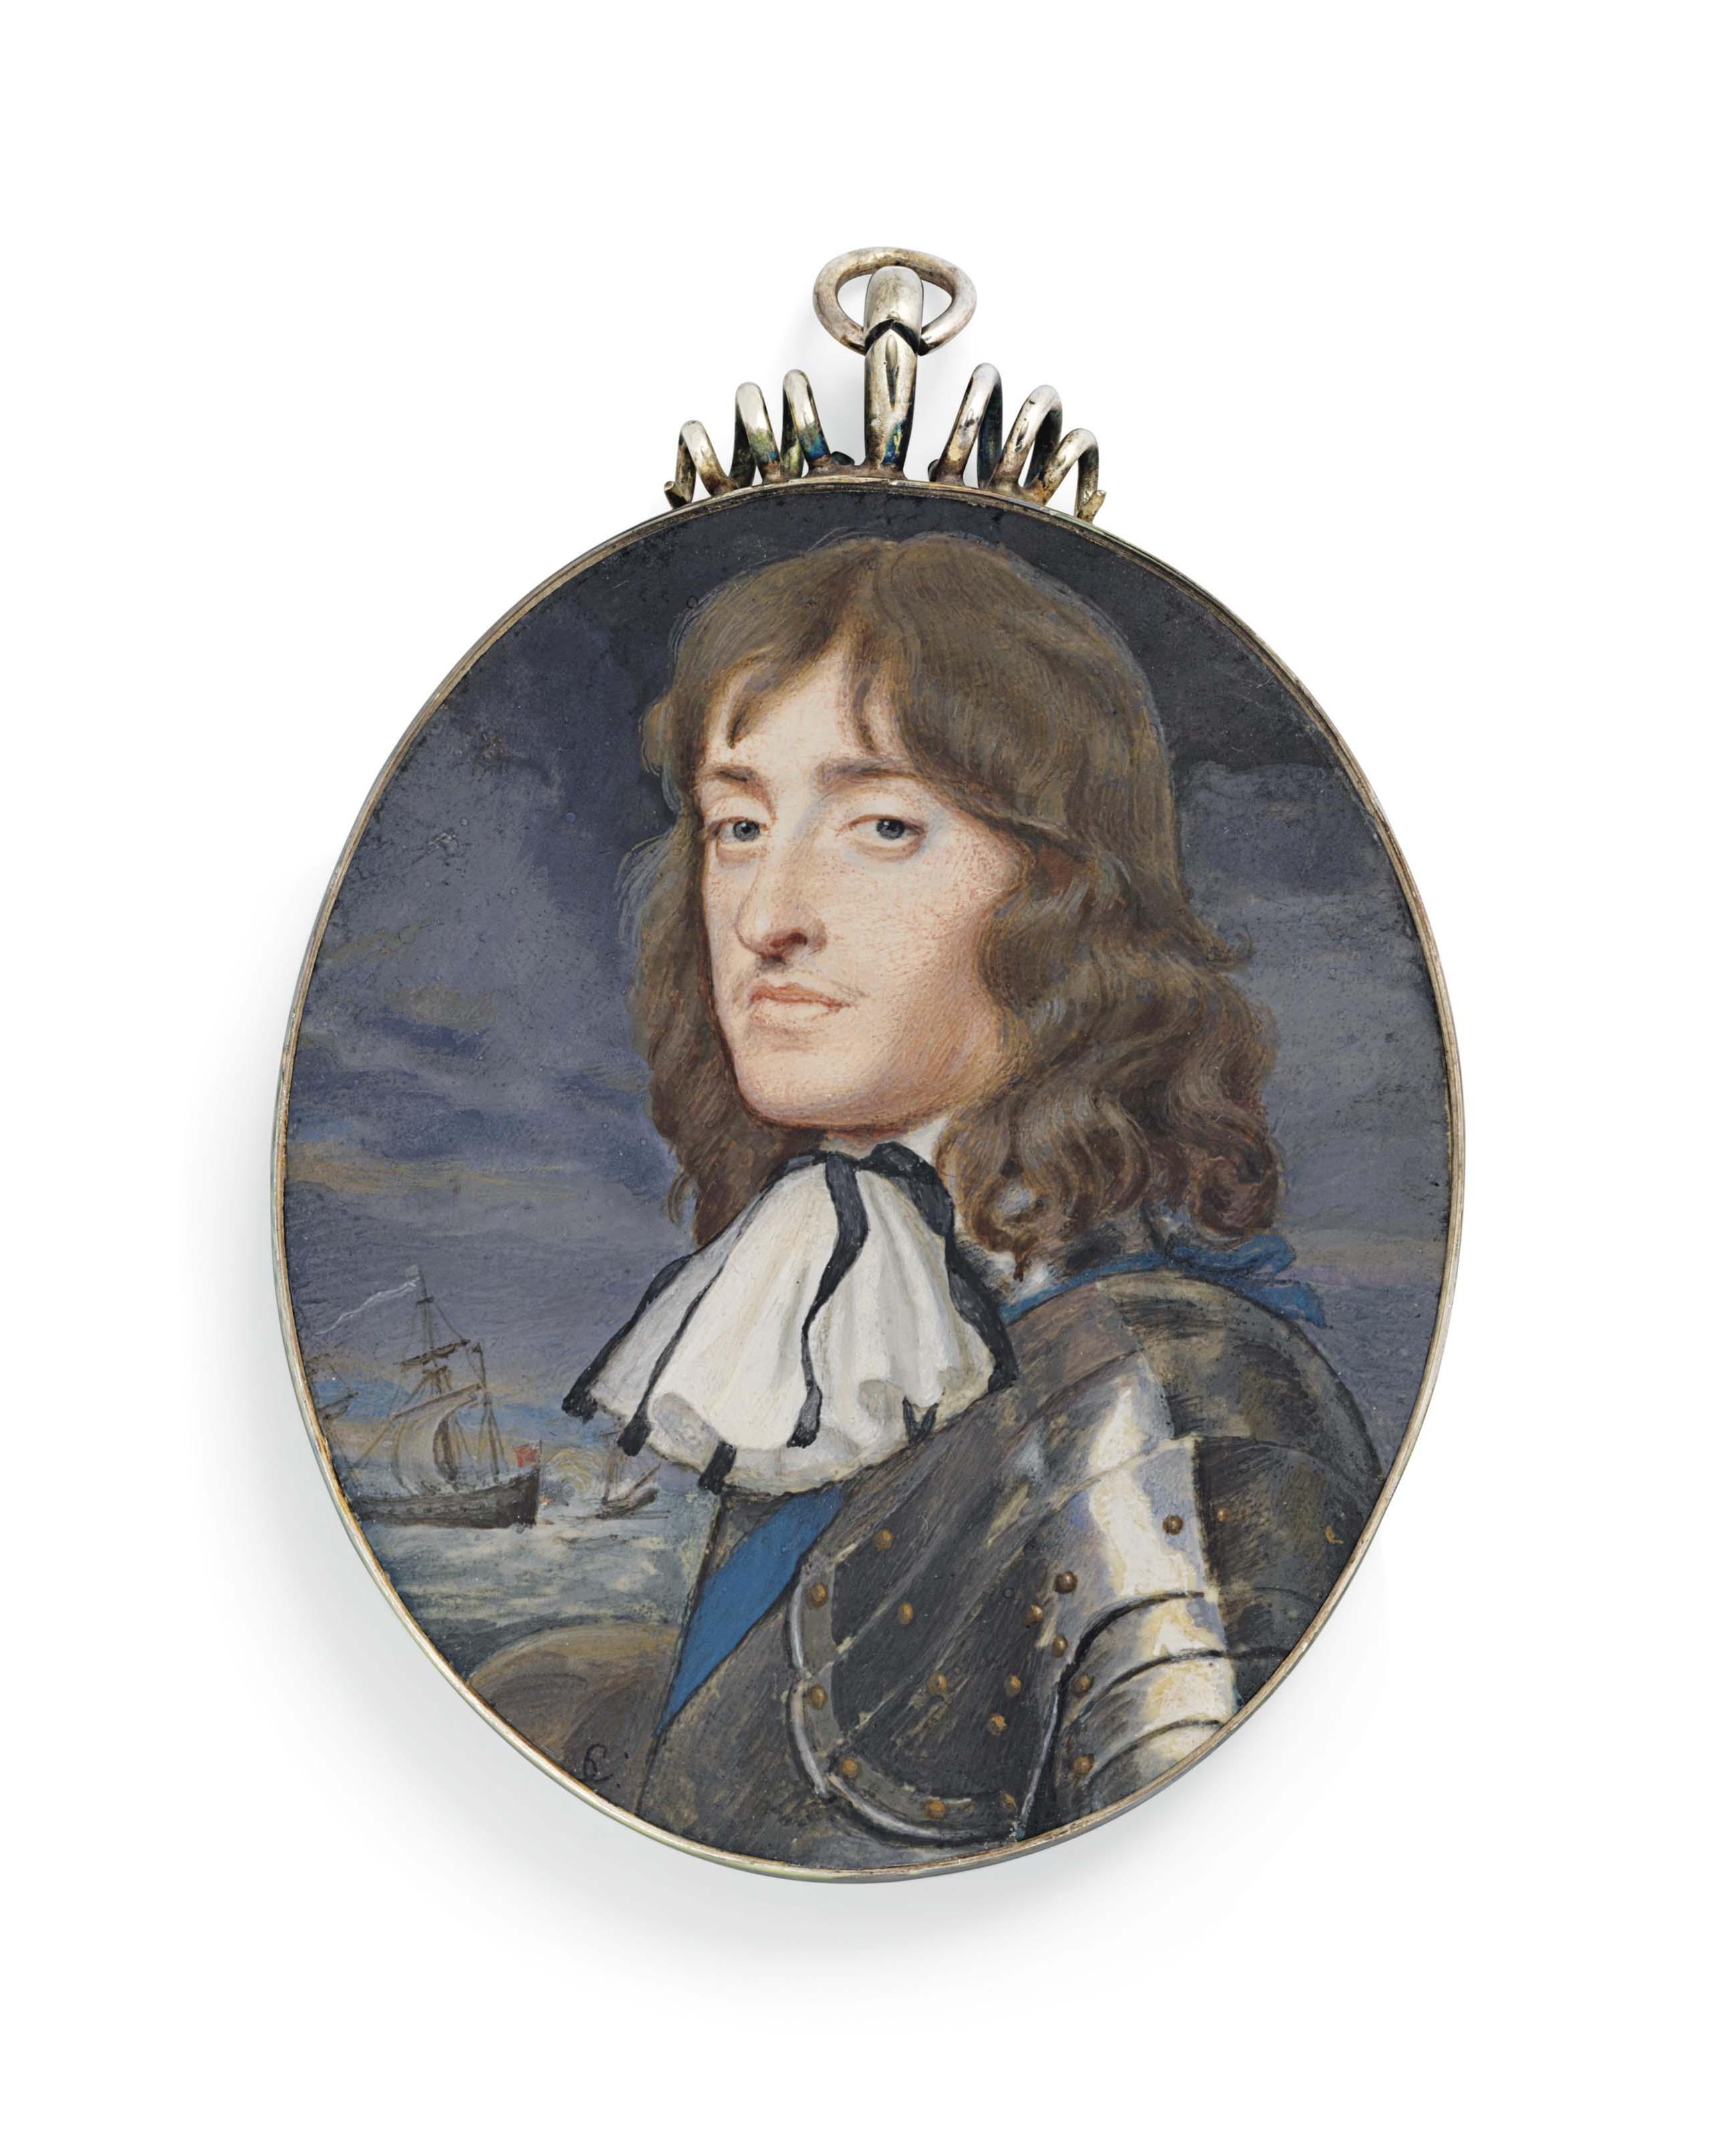 SAMUEL COOPER (BRITISH, 1609-1672)